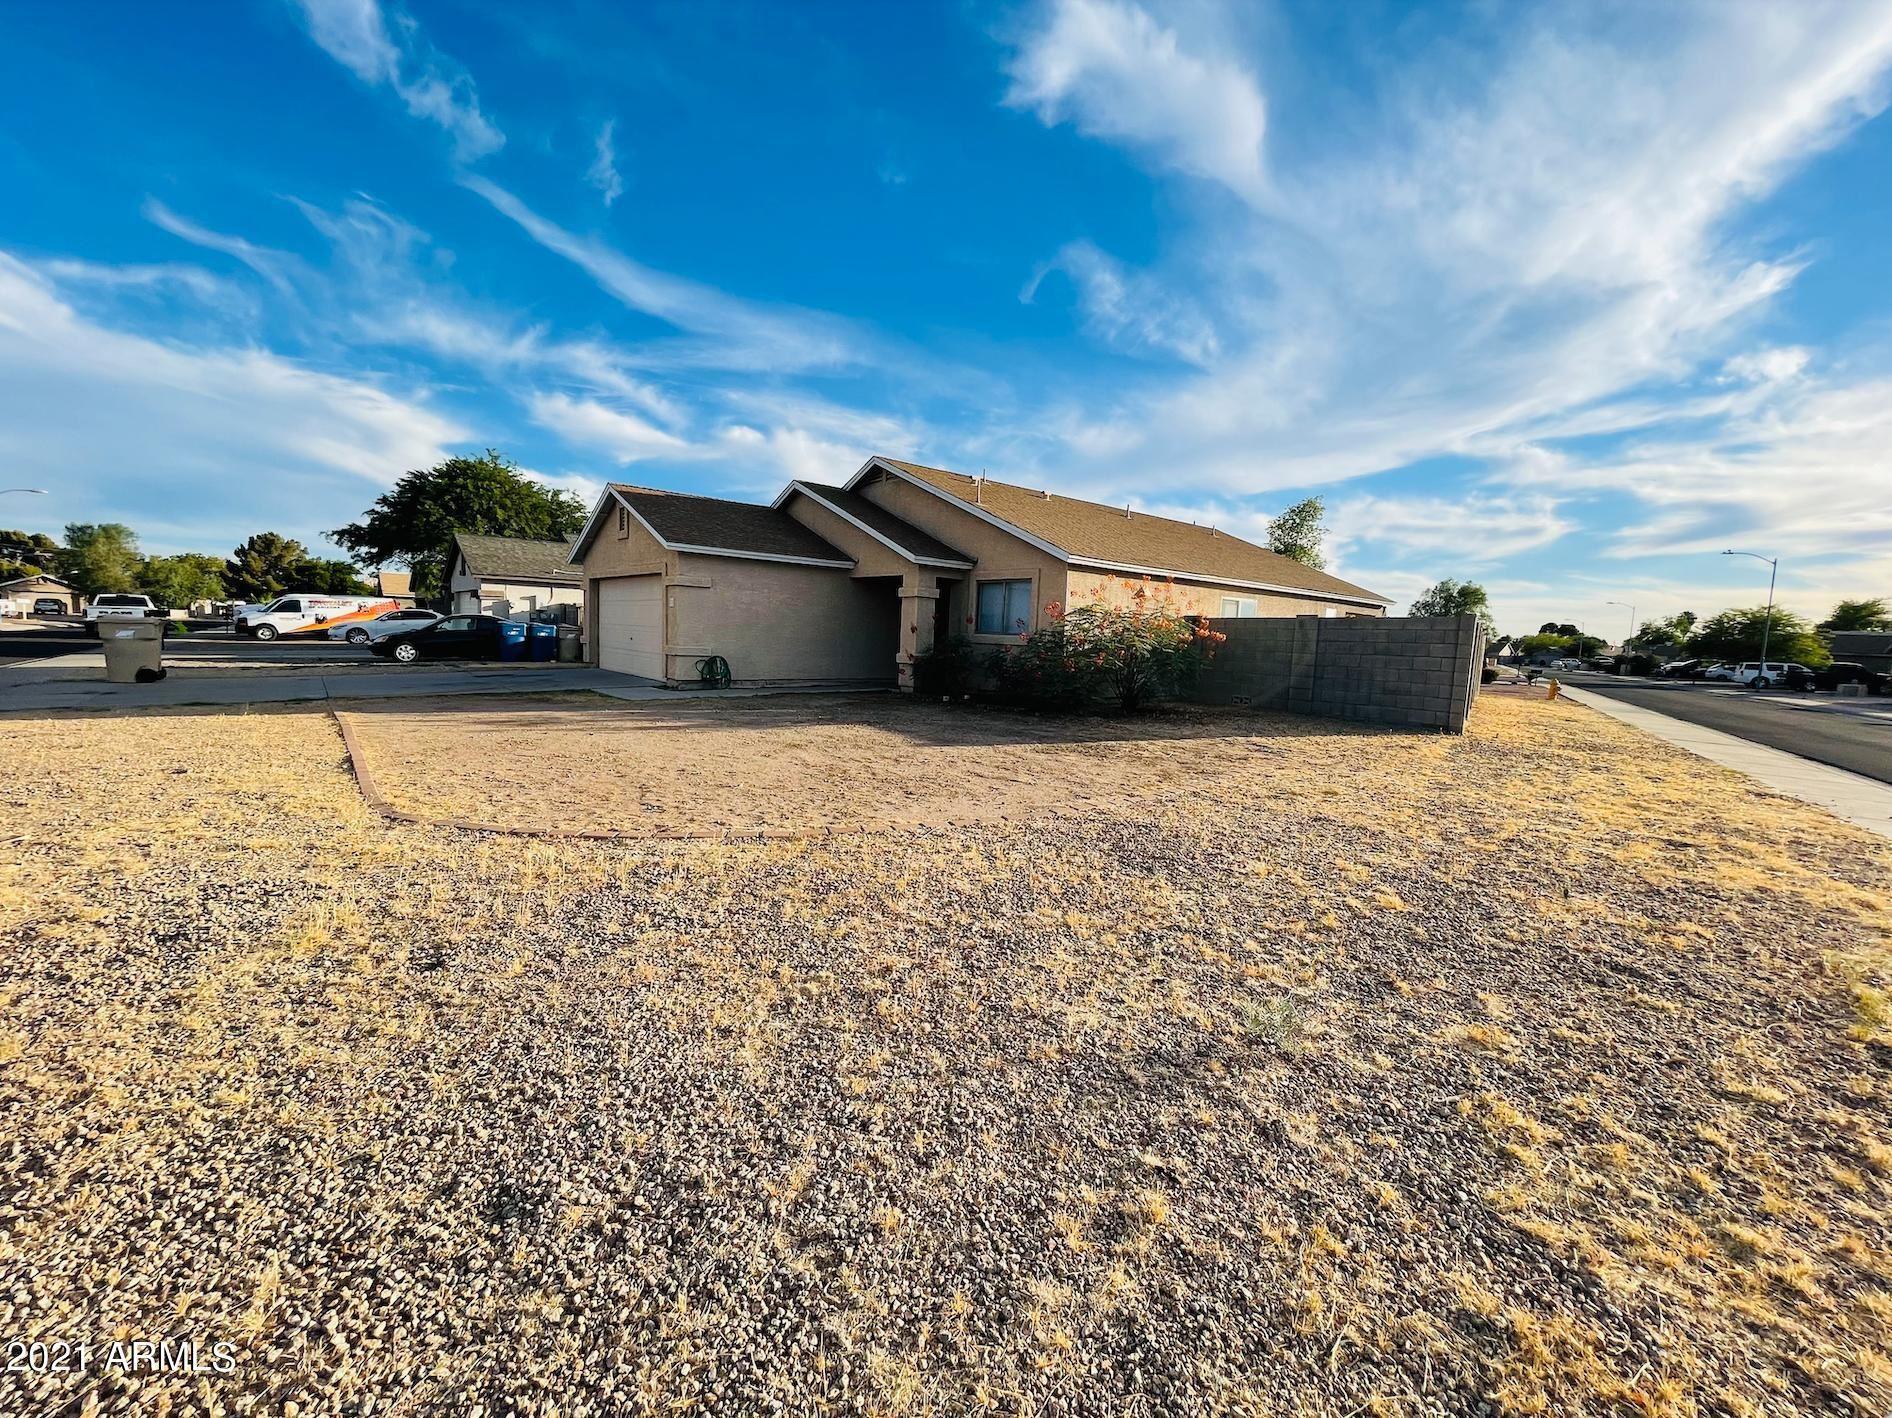 Photo of 570 N RUBEL Court, Buckeye, AZ 85326 (MLS # 6249692)